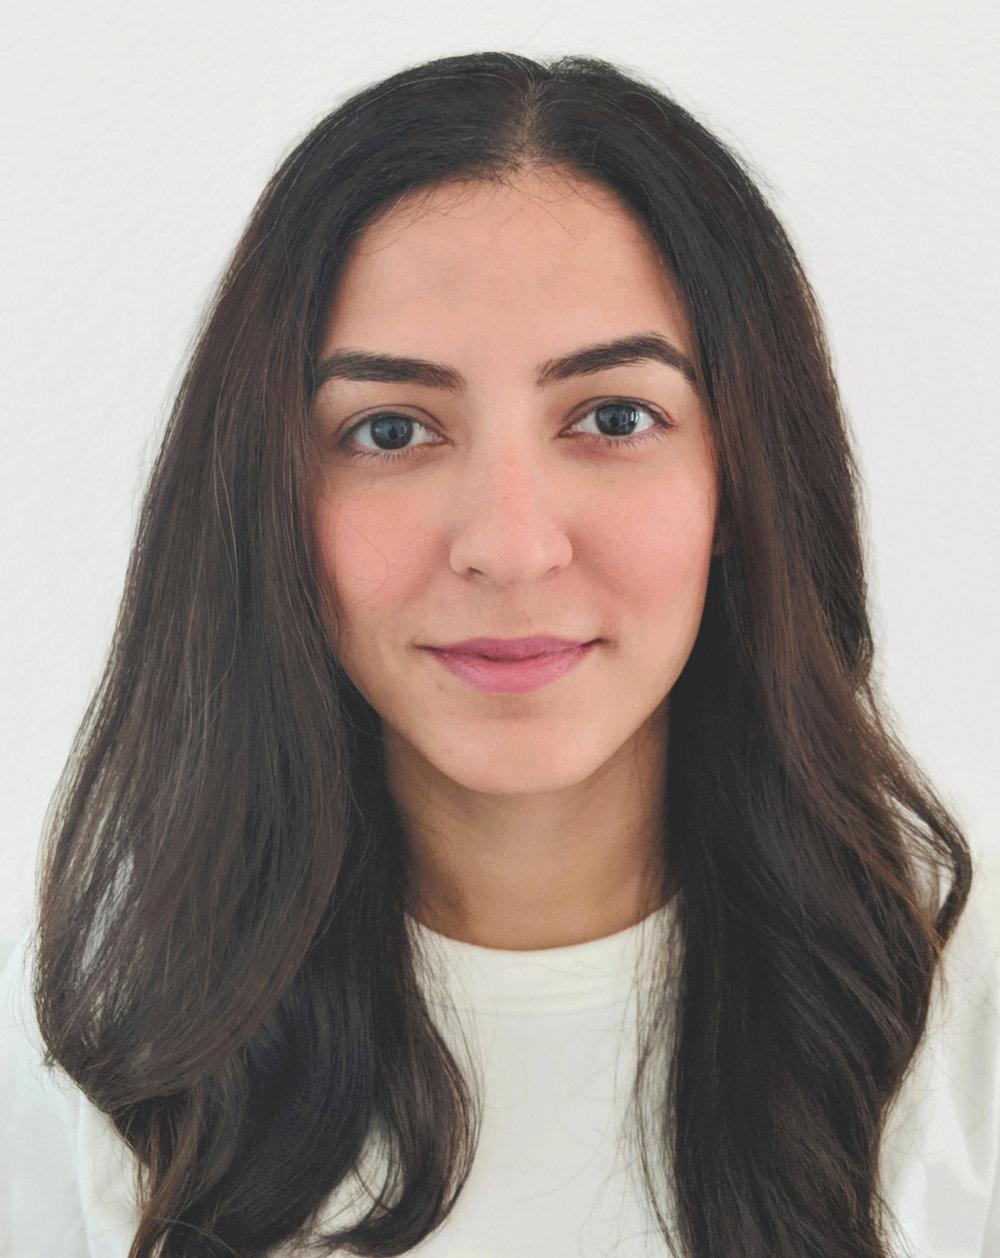 Alyzeh